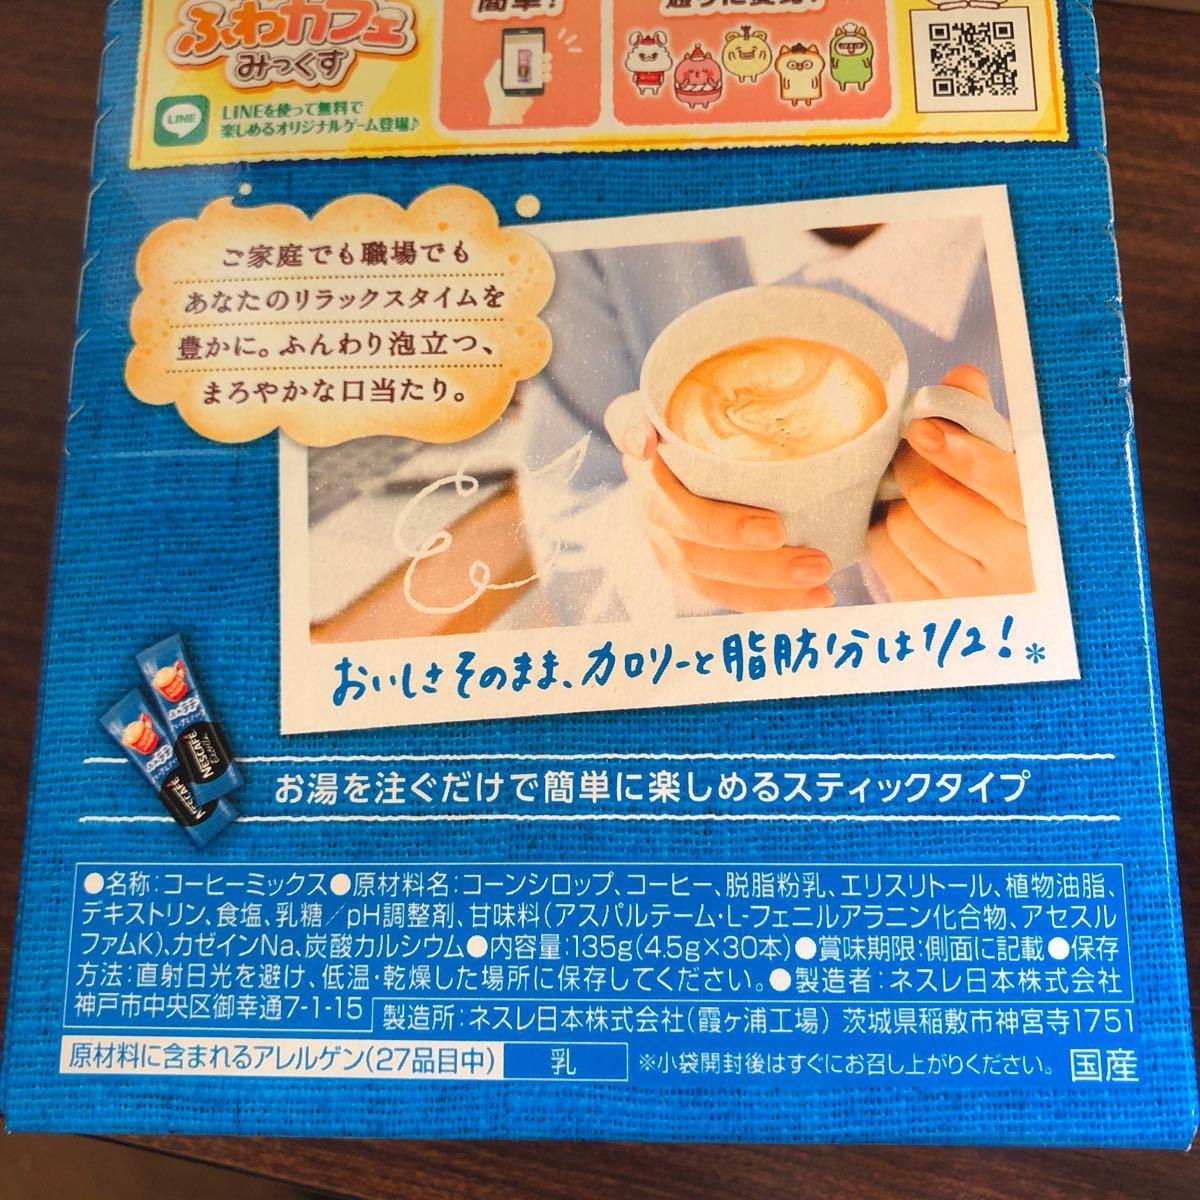 ふわラテコーヒー3種類&ミルクティー&ミックスコーヒー60本